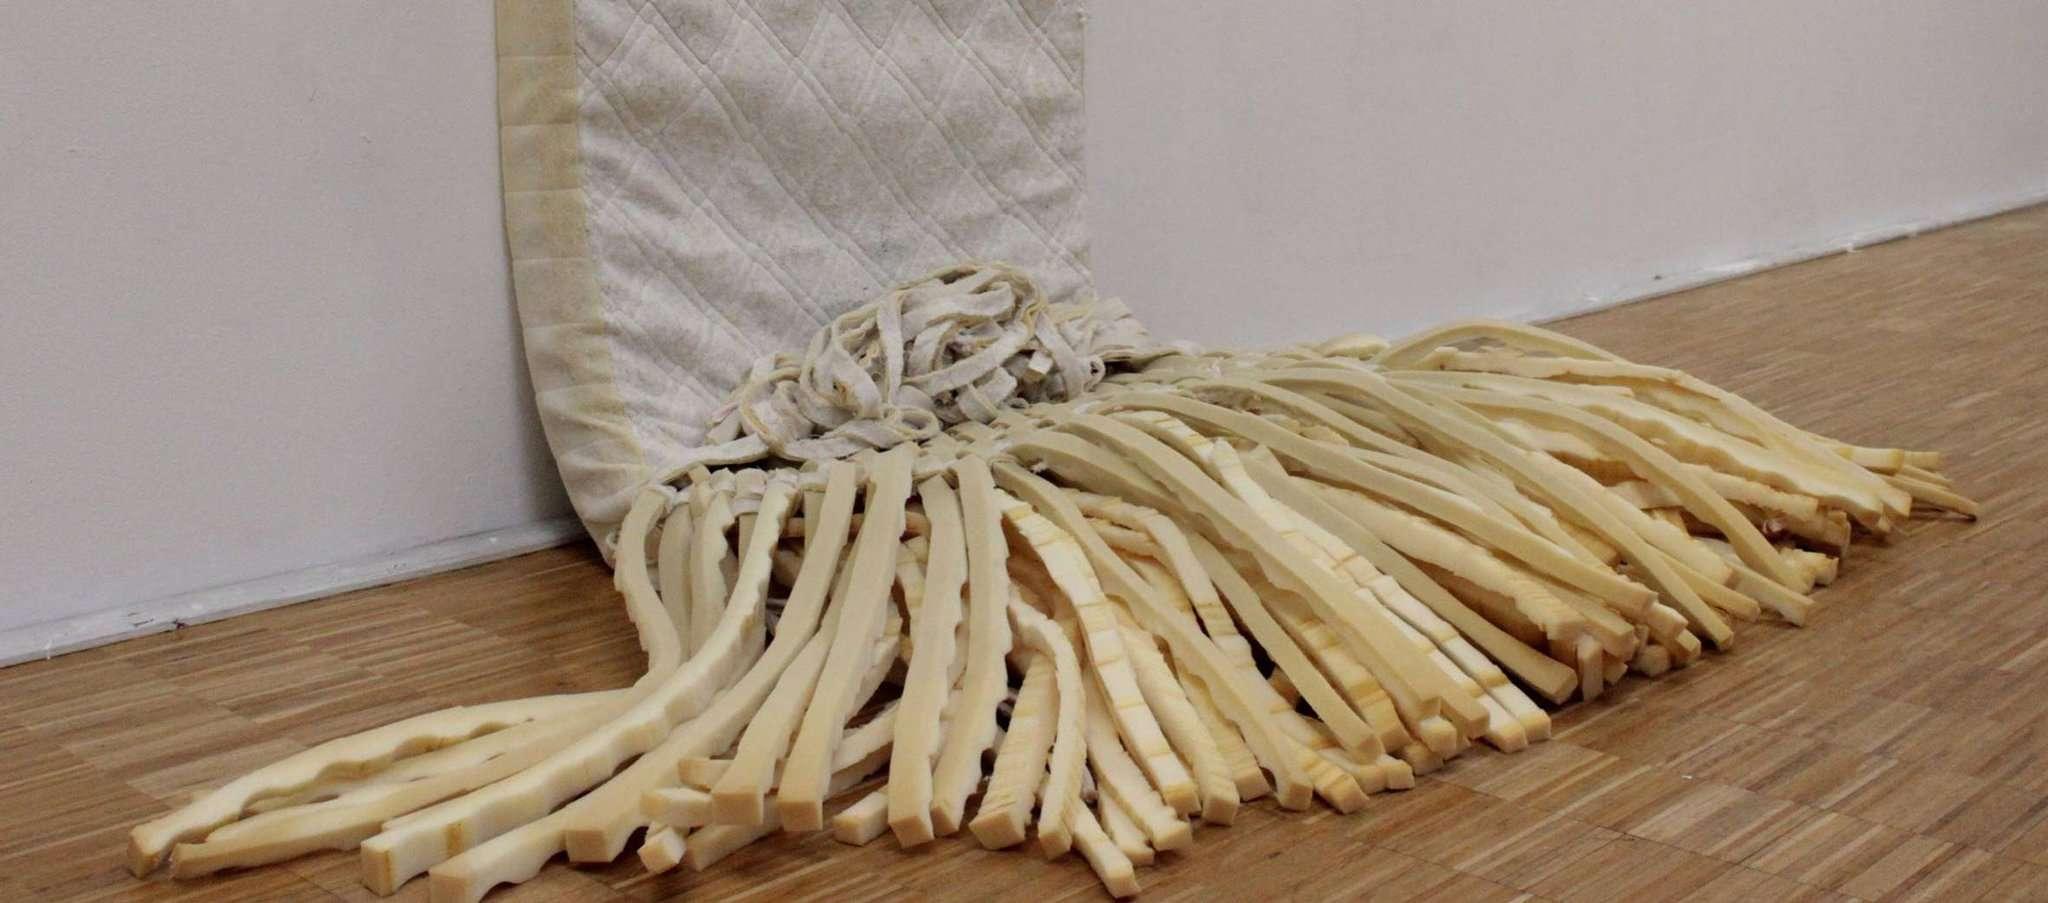 Der Förderpreis für Studierende der HKS in Ottersberg zeigt, dass dem Innenleben einer Matratze durchaus auch künstlerisch etwas abgerungen werden kann. Foto: Jan Wolfer